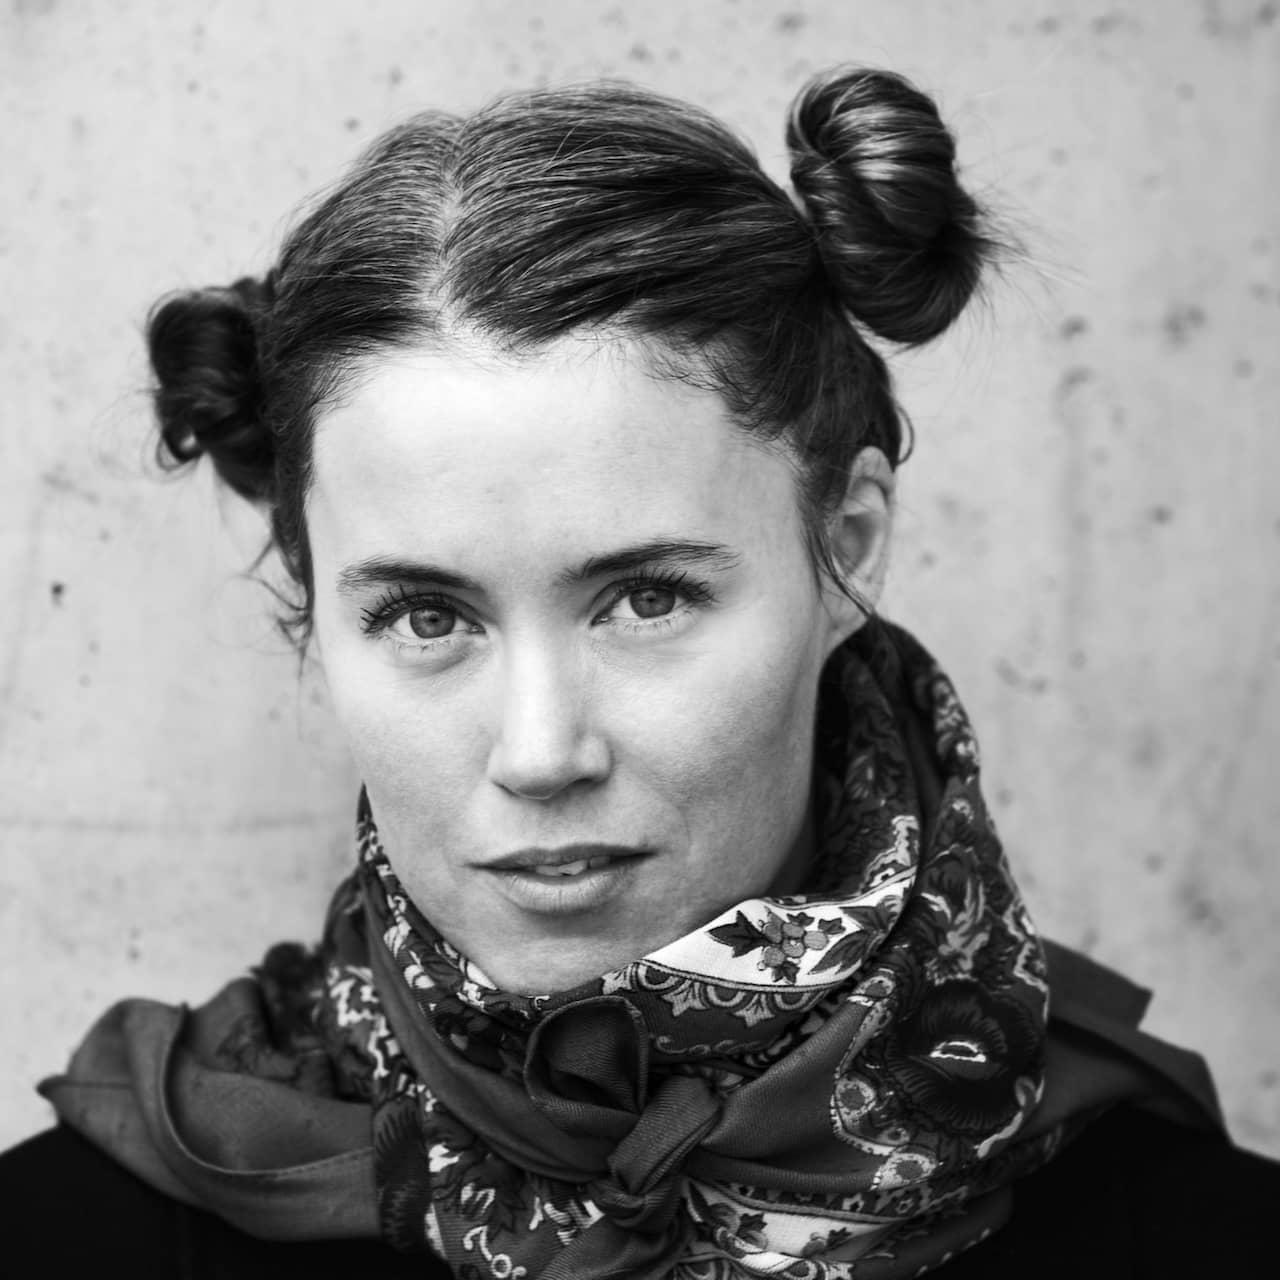 69. Linda Boström Knausgård